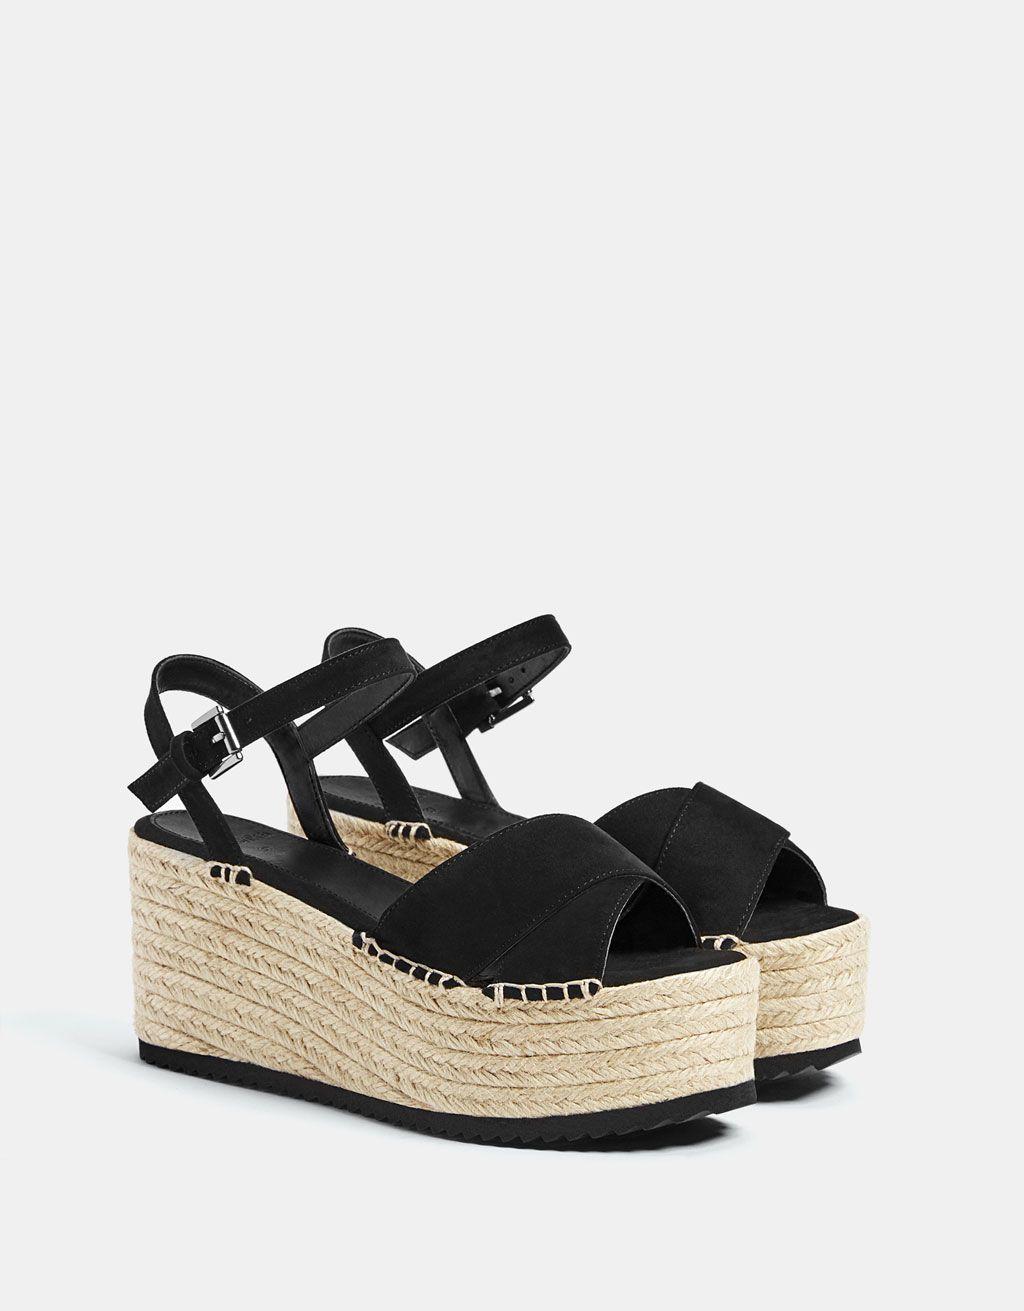 c9407af295 Sandalia plataforma yute negra. Descubre ésta y muchas otras prendas en  Bershka con nuevos productos cada semana